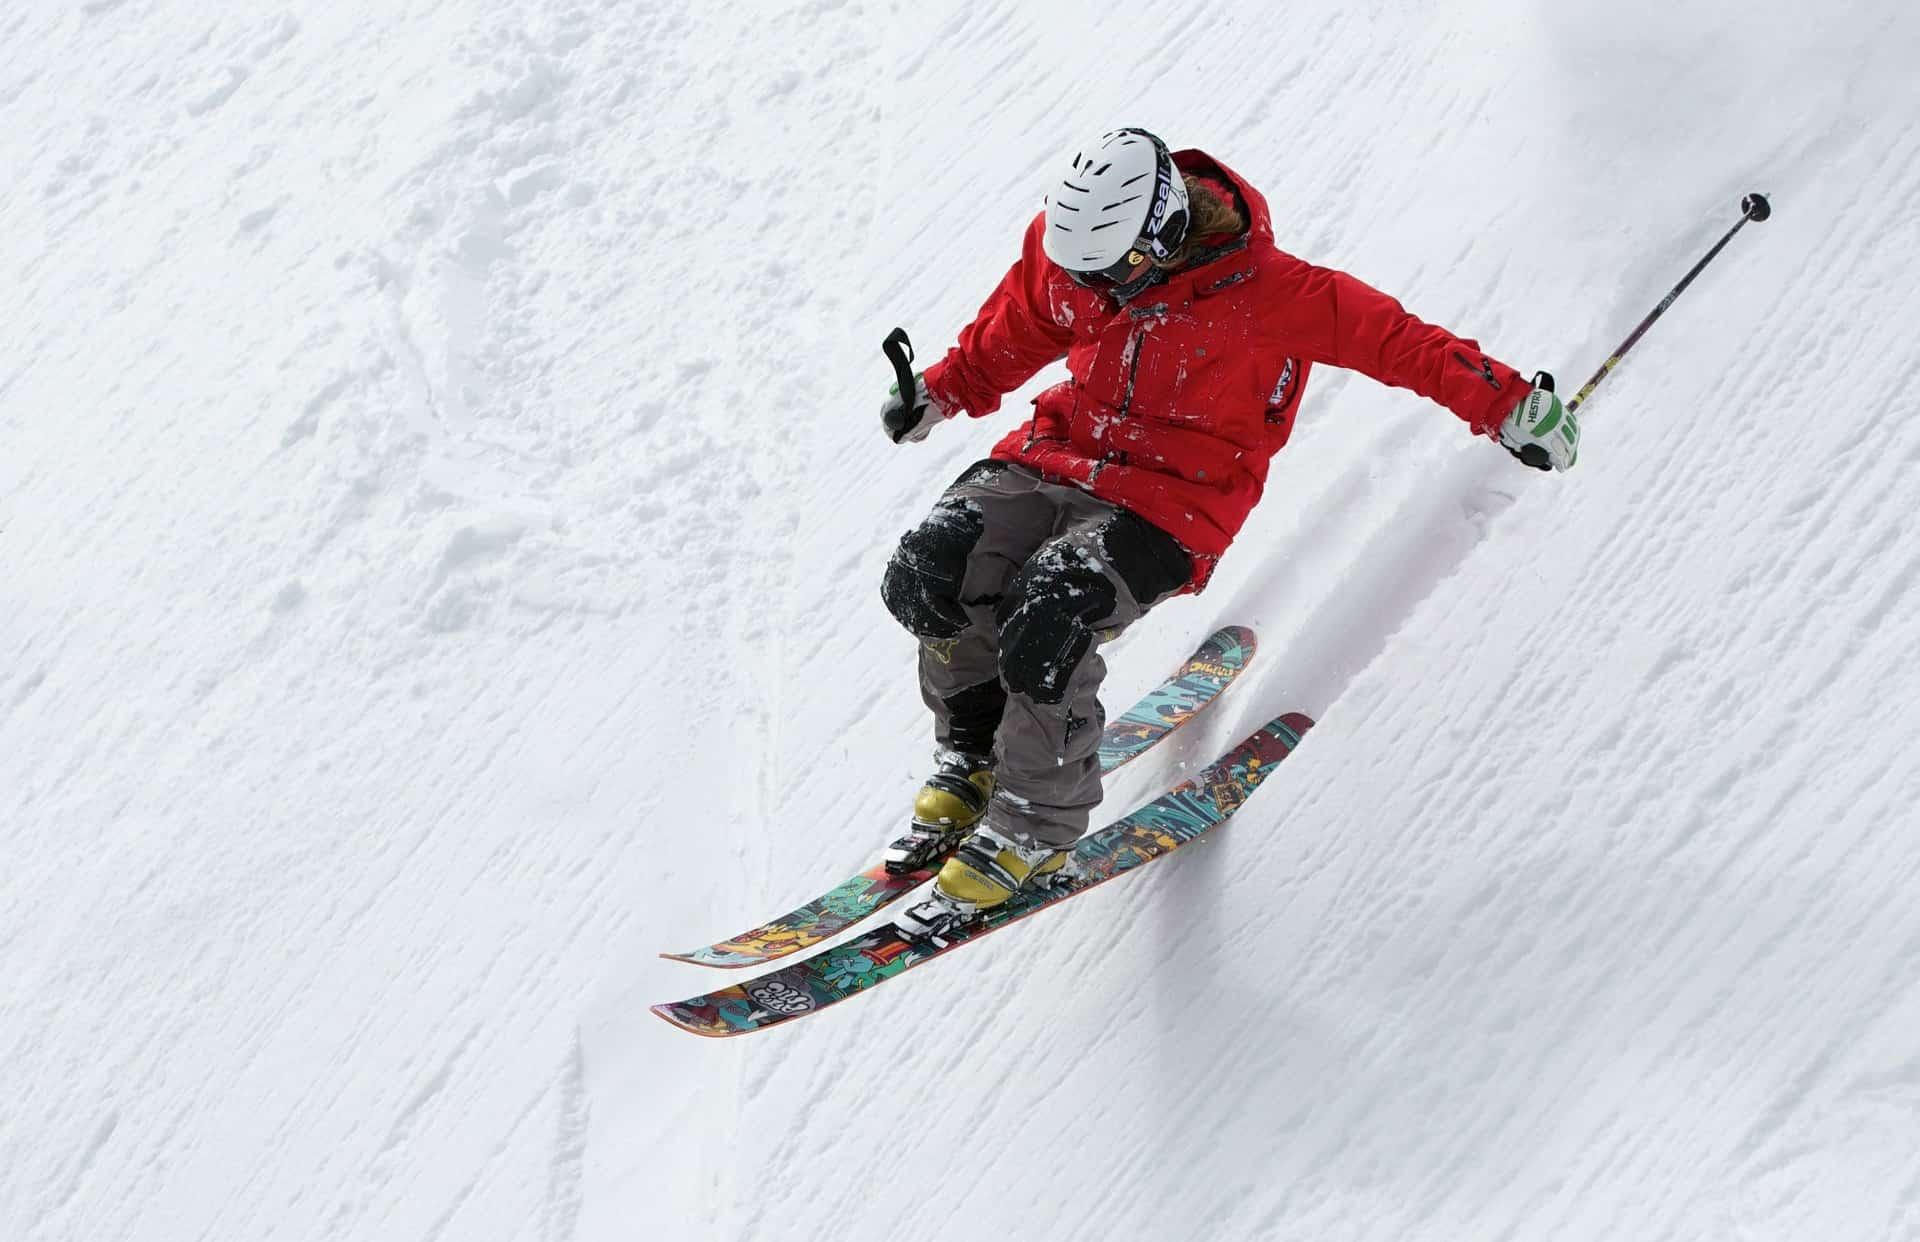 Skihandschuhe: Test & Empfehlungen (03/21)